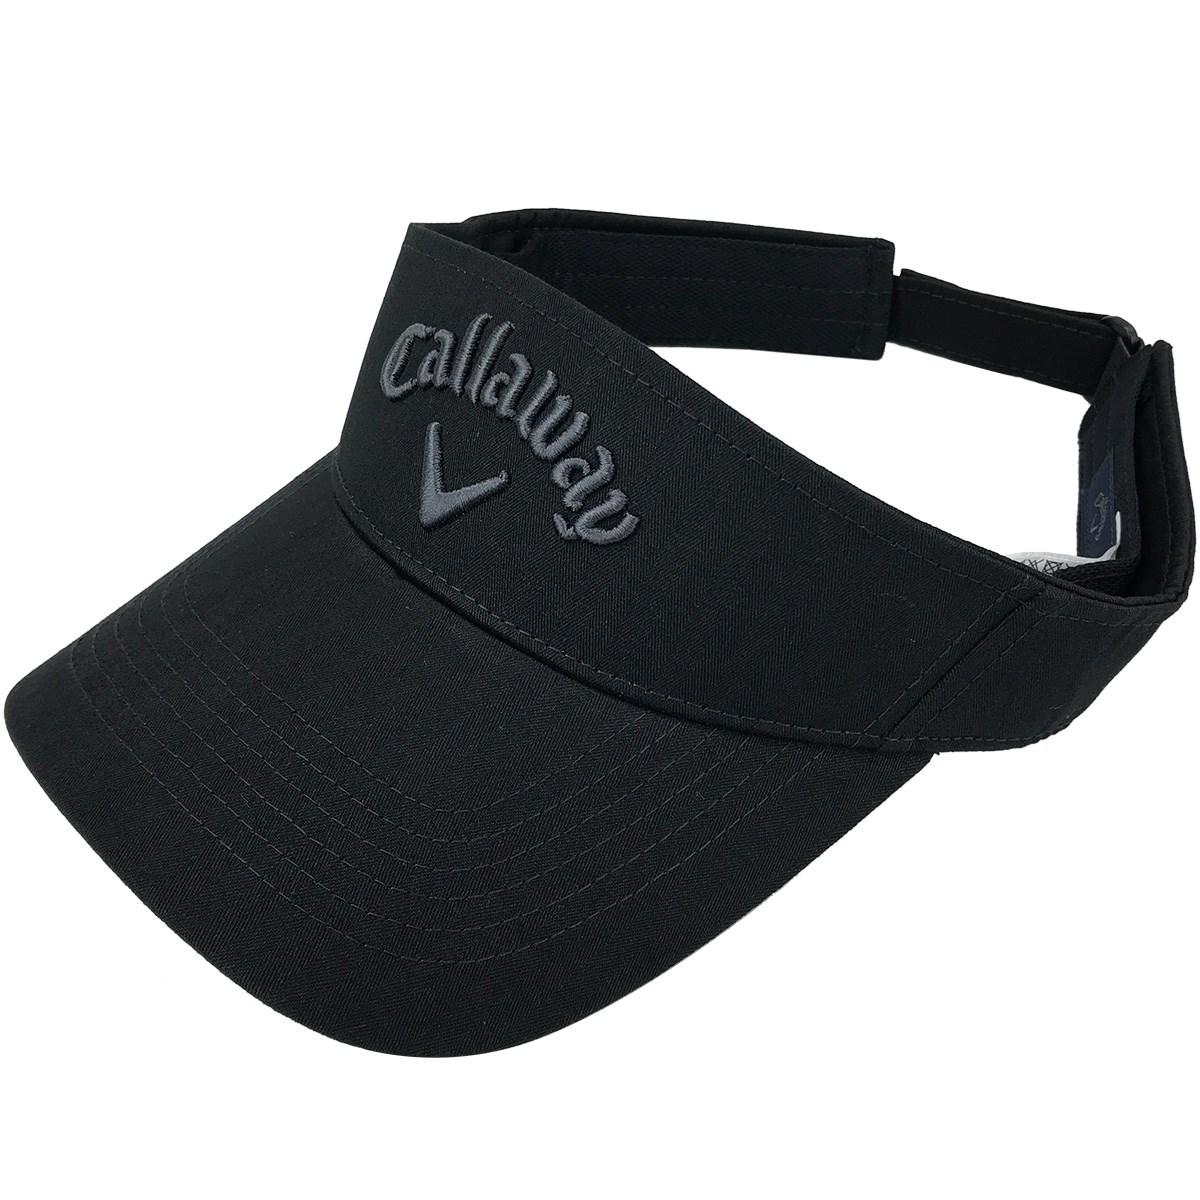 キャロウェイゴルフ(Callaway Golf) ヘンリボーンサンバイザー JM